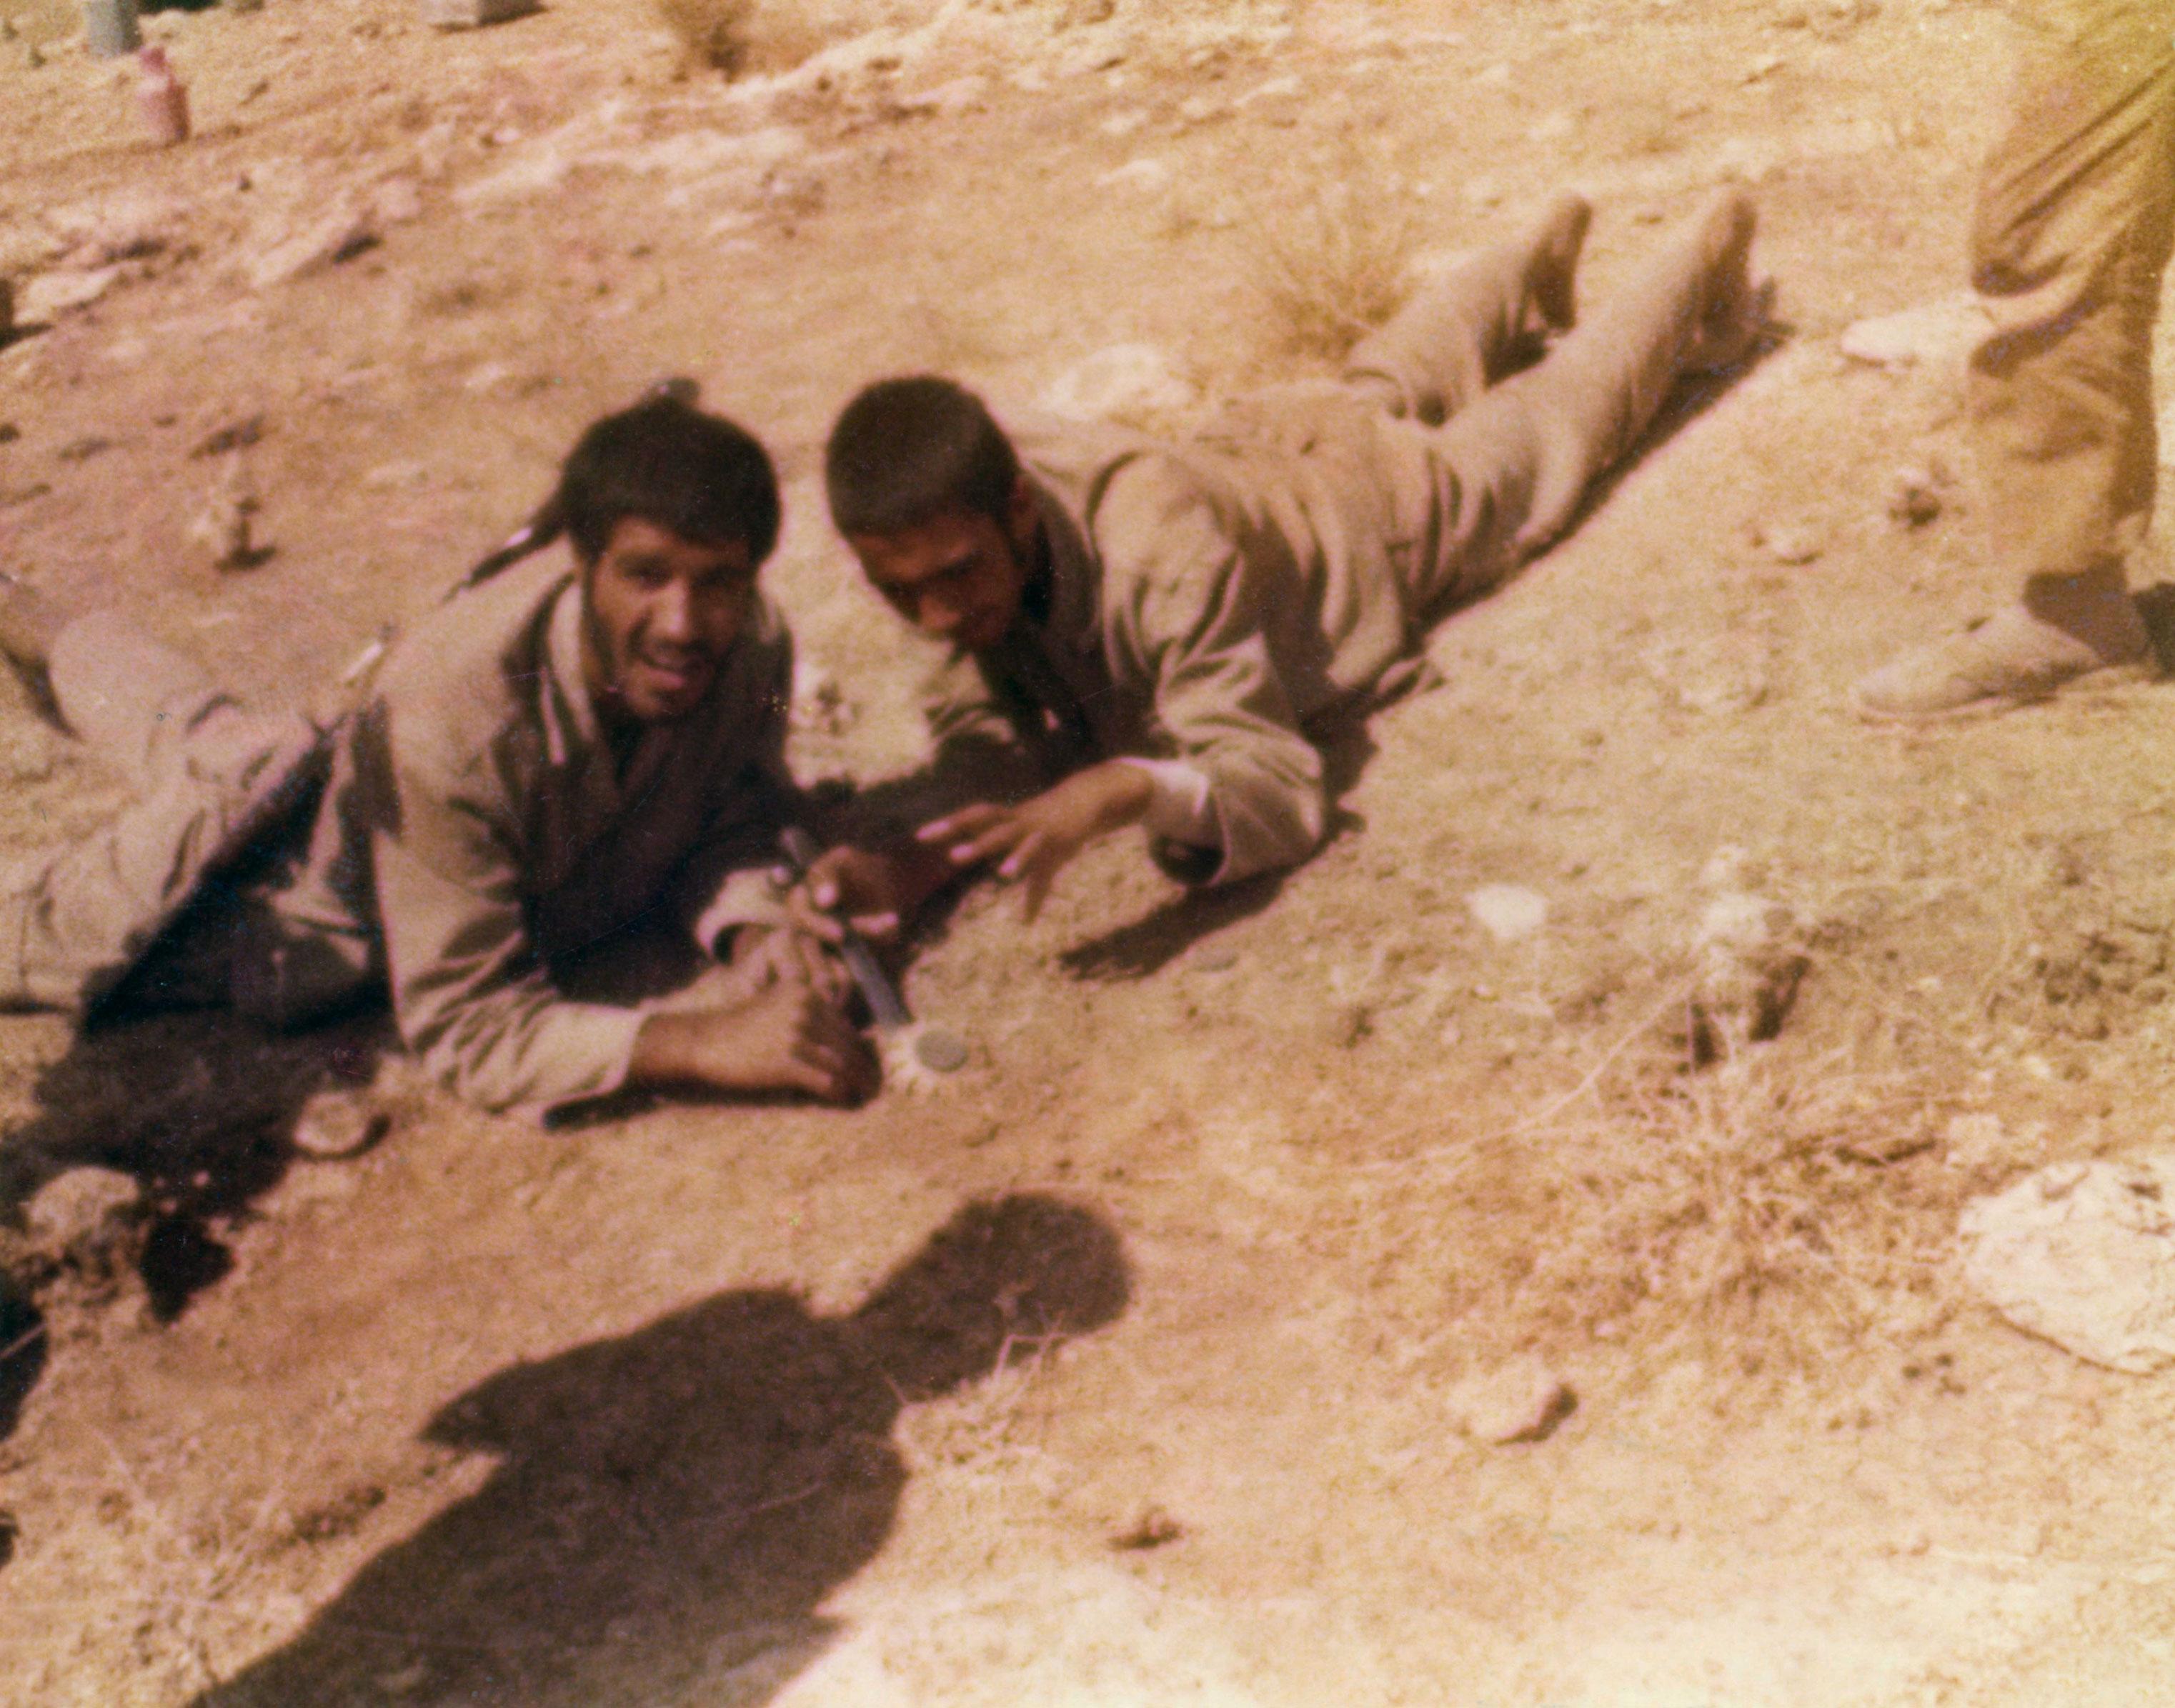 دو شهید در حال خنثی سازی مین + عکس